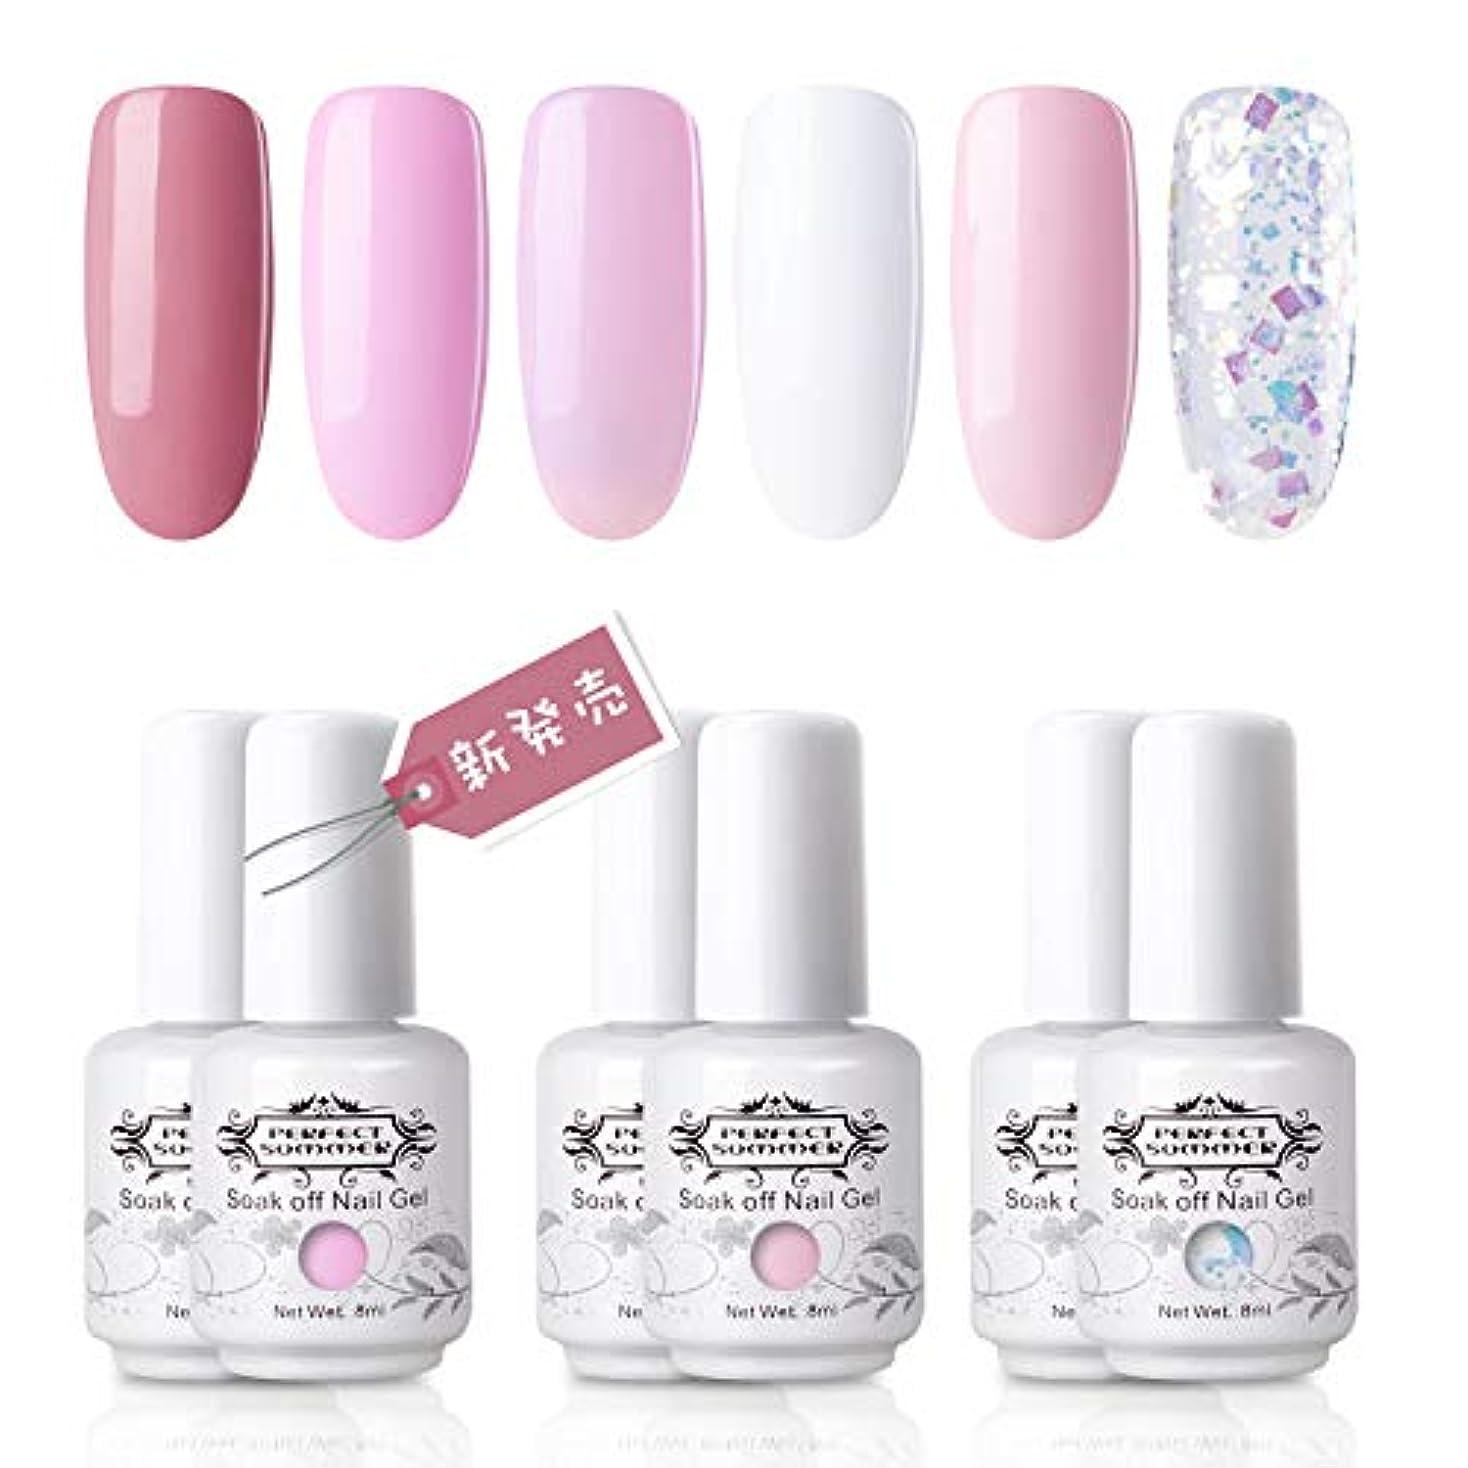 持っている雑種ディレクター[Perfect Summer] ジェルネイル カラージェル 6色セット ポリッシュタイプ 新発売 UV/LED対応 ピンク ラメ